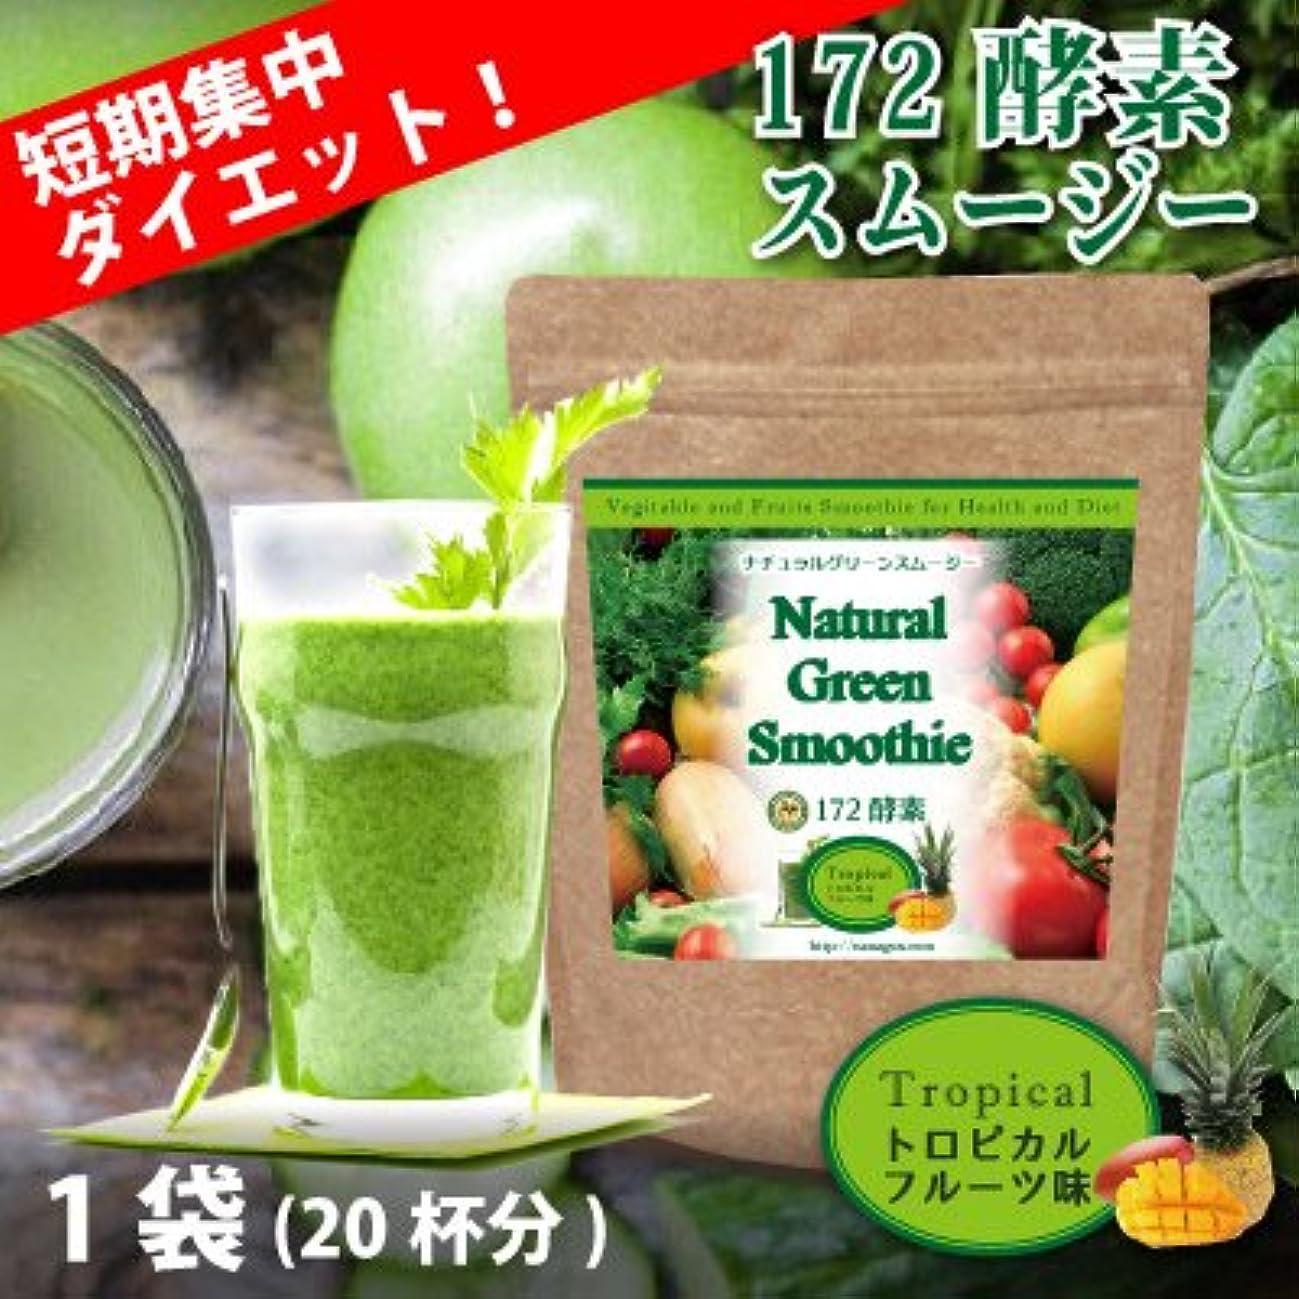 試みる研磨剤息苦しい【ダイエット】越中ななごん堂のナチュラルグリーンスムージー 置換え 172酵素 200g